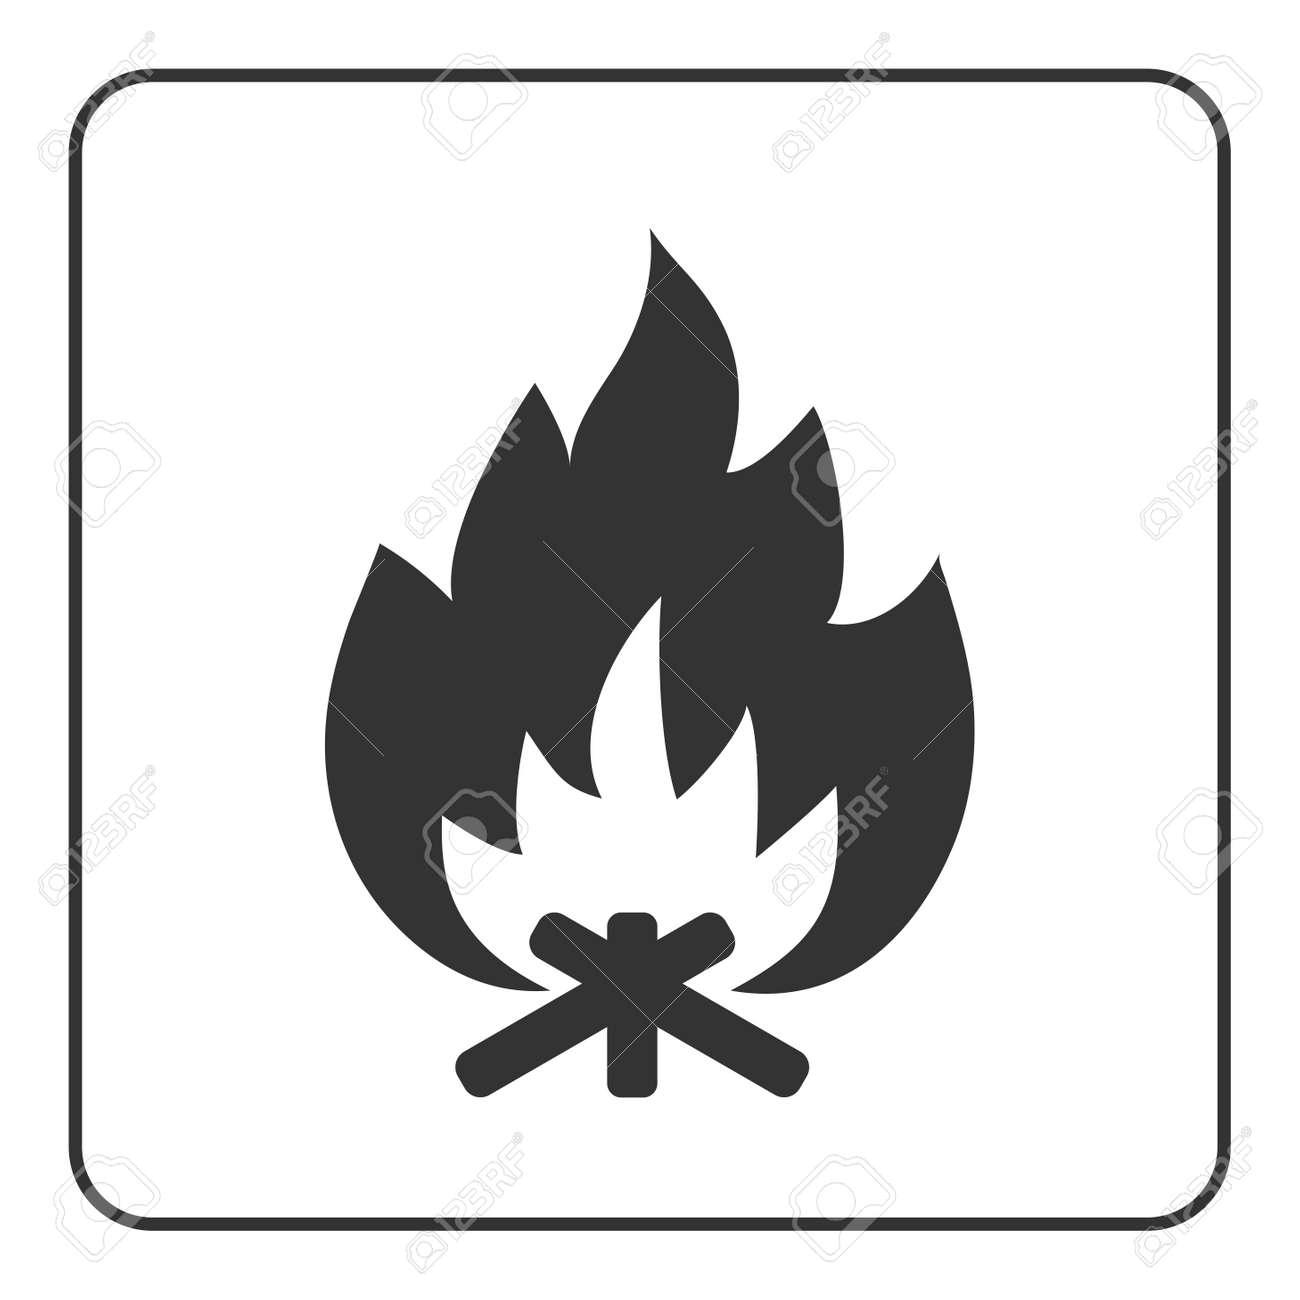 Icône De Feu De Camp Signe De Feu De Joie Chaud Silhouette De Bois De Chauffage Et Flamme Noir Isolé Sur Fond Blanc élément Graphique De Dessin